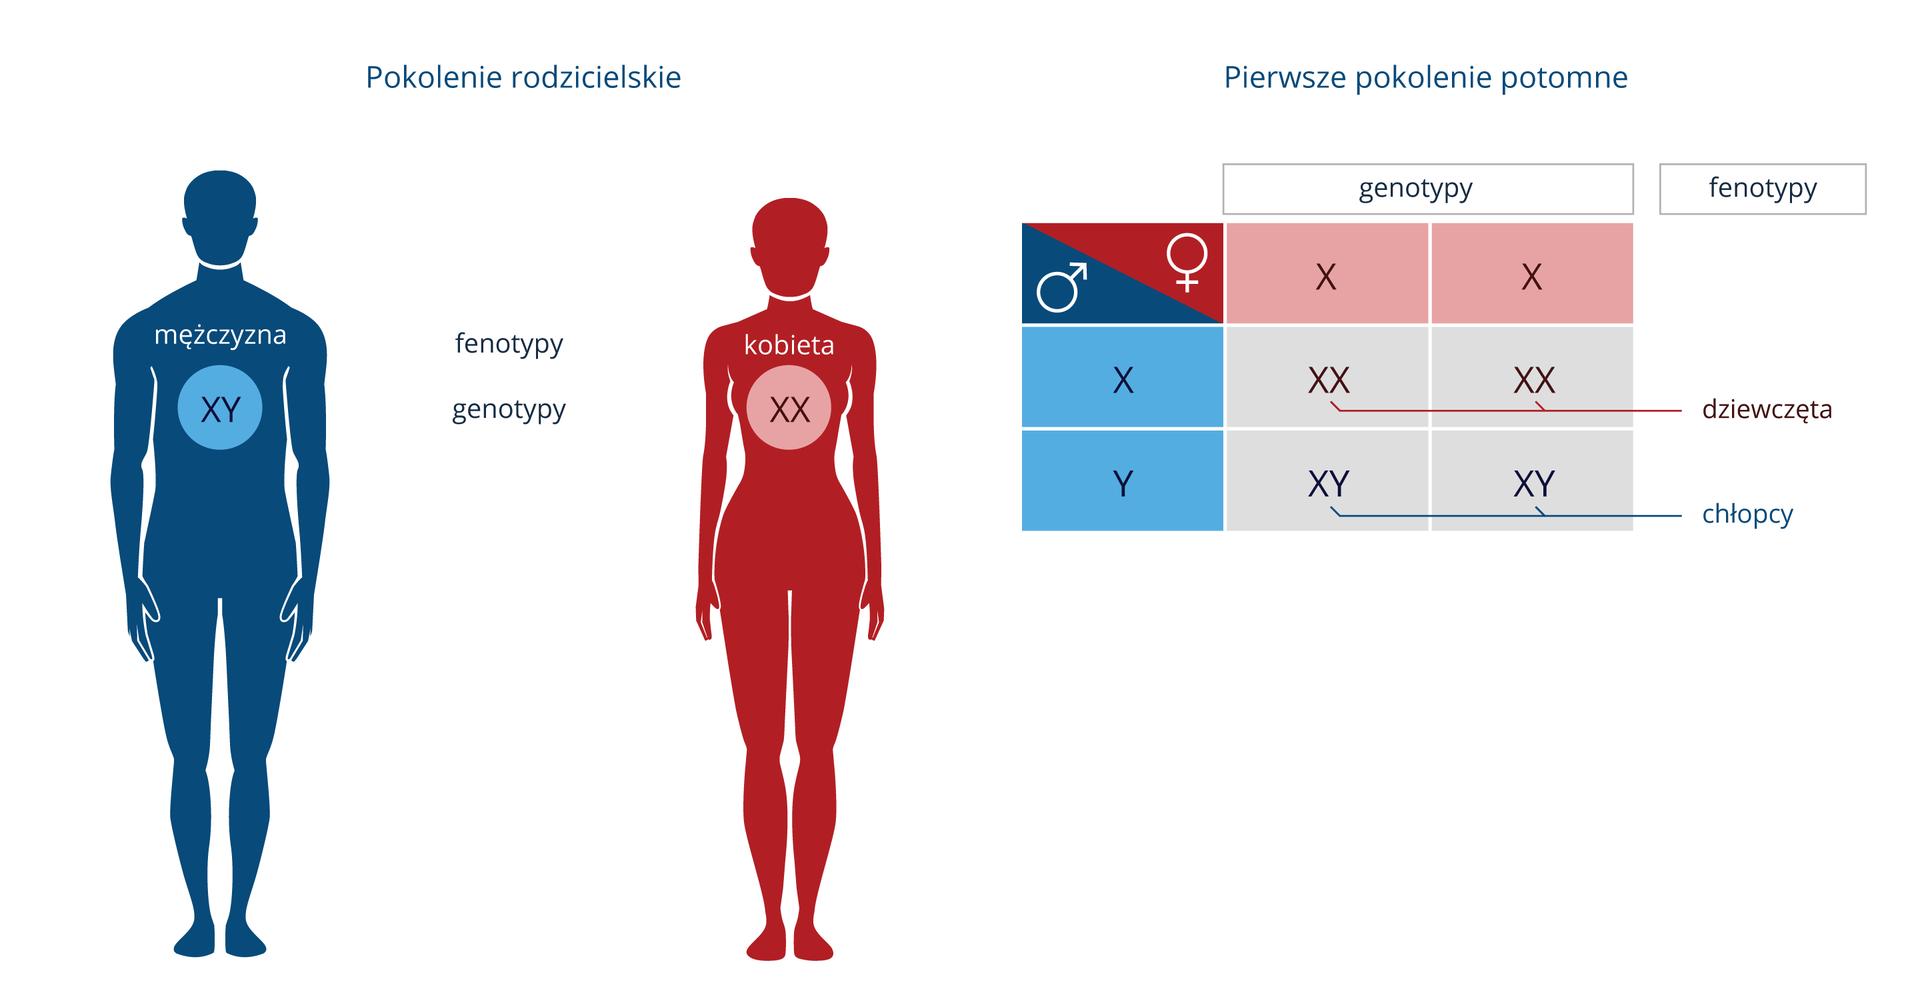 Ilustracja przestawia niebieską sylwetkę mężczyzny wpisanymichromosomami płci XY. Obok różowa sylwetka kobiety zwpisanymi chromosomami XX. Ugóry podpis pokolenie rodzicielskie. Zprawej niebiesko - różowa krzyżówka genetyczna. Ugóry napis pierwsze pokolenie potomne. Nad krzyżówką napis genotypy, obok fenotypy. Wskazówka różowa genotyp XX, fenotyp dziewczynki. Wskazówka niebieska genotyp XY, fenotyp chłopcy.